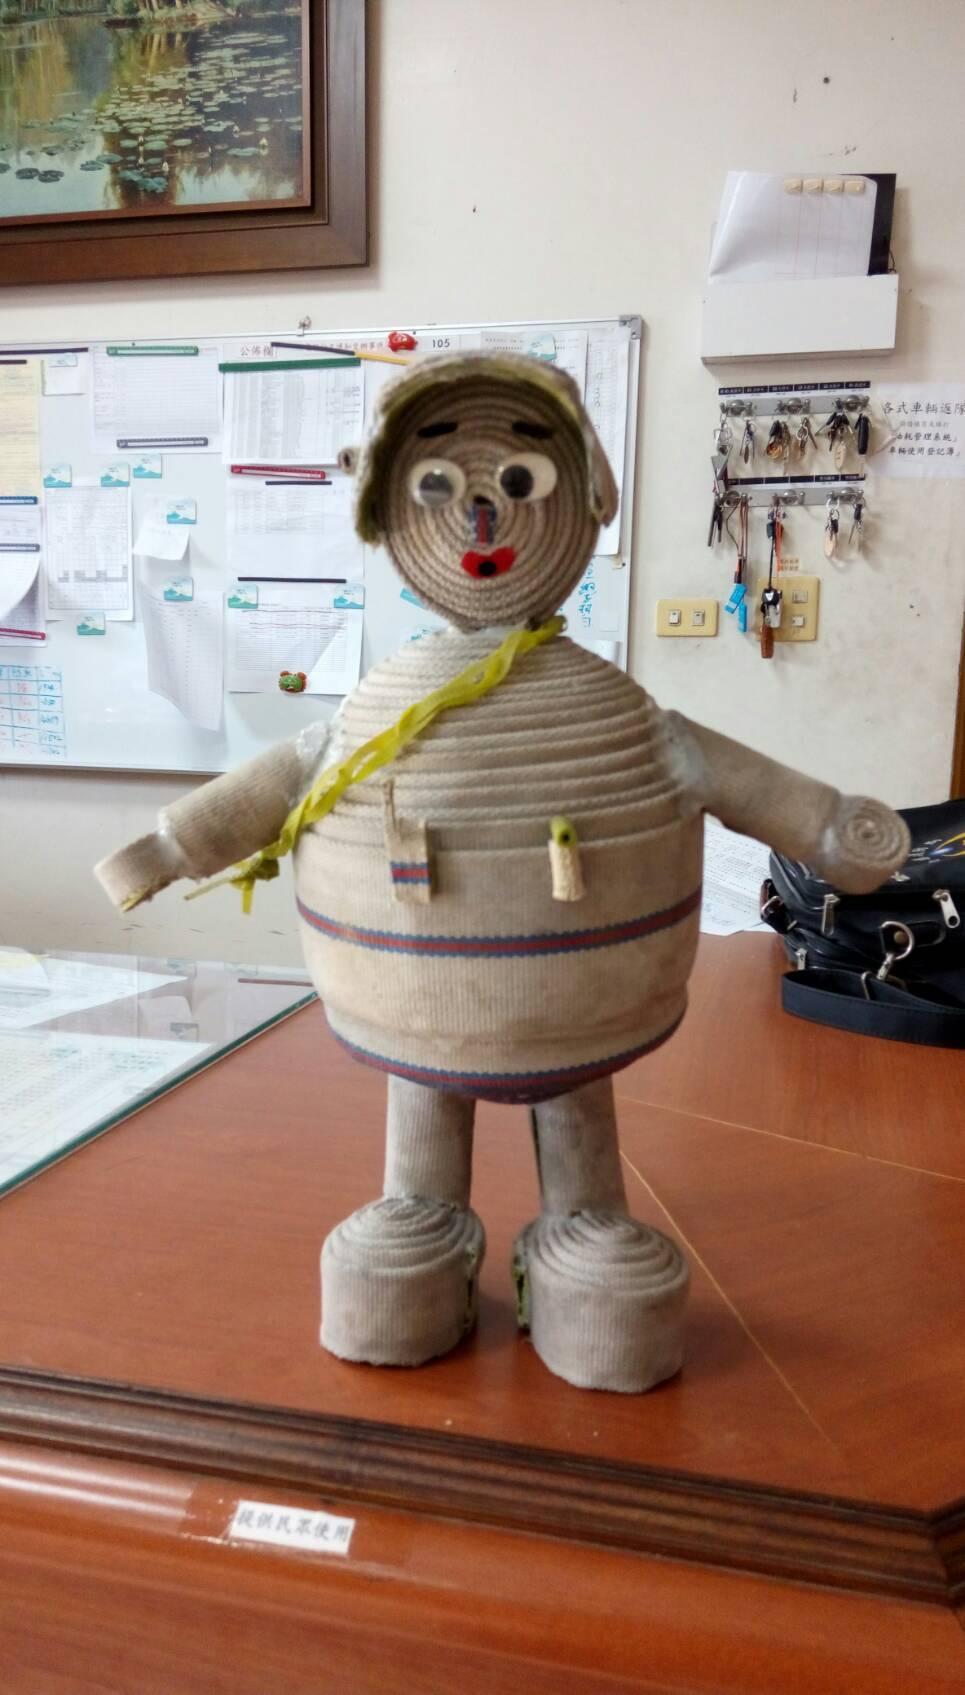 經安定消防分隊員吳明哲巧手,報廢消防水帶也能變身可愛的消防寶寶。 圖/吳明哲提供